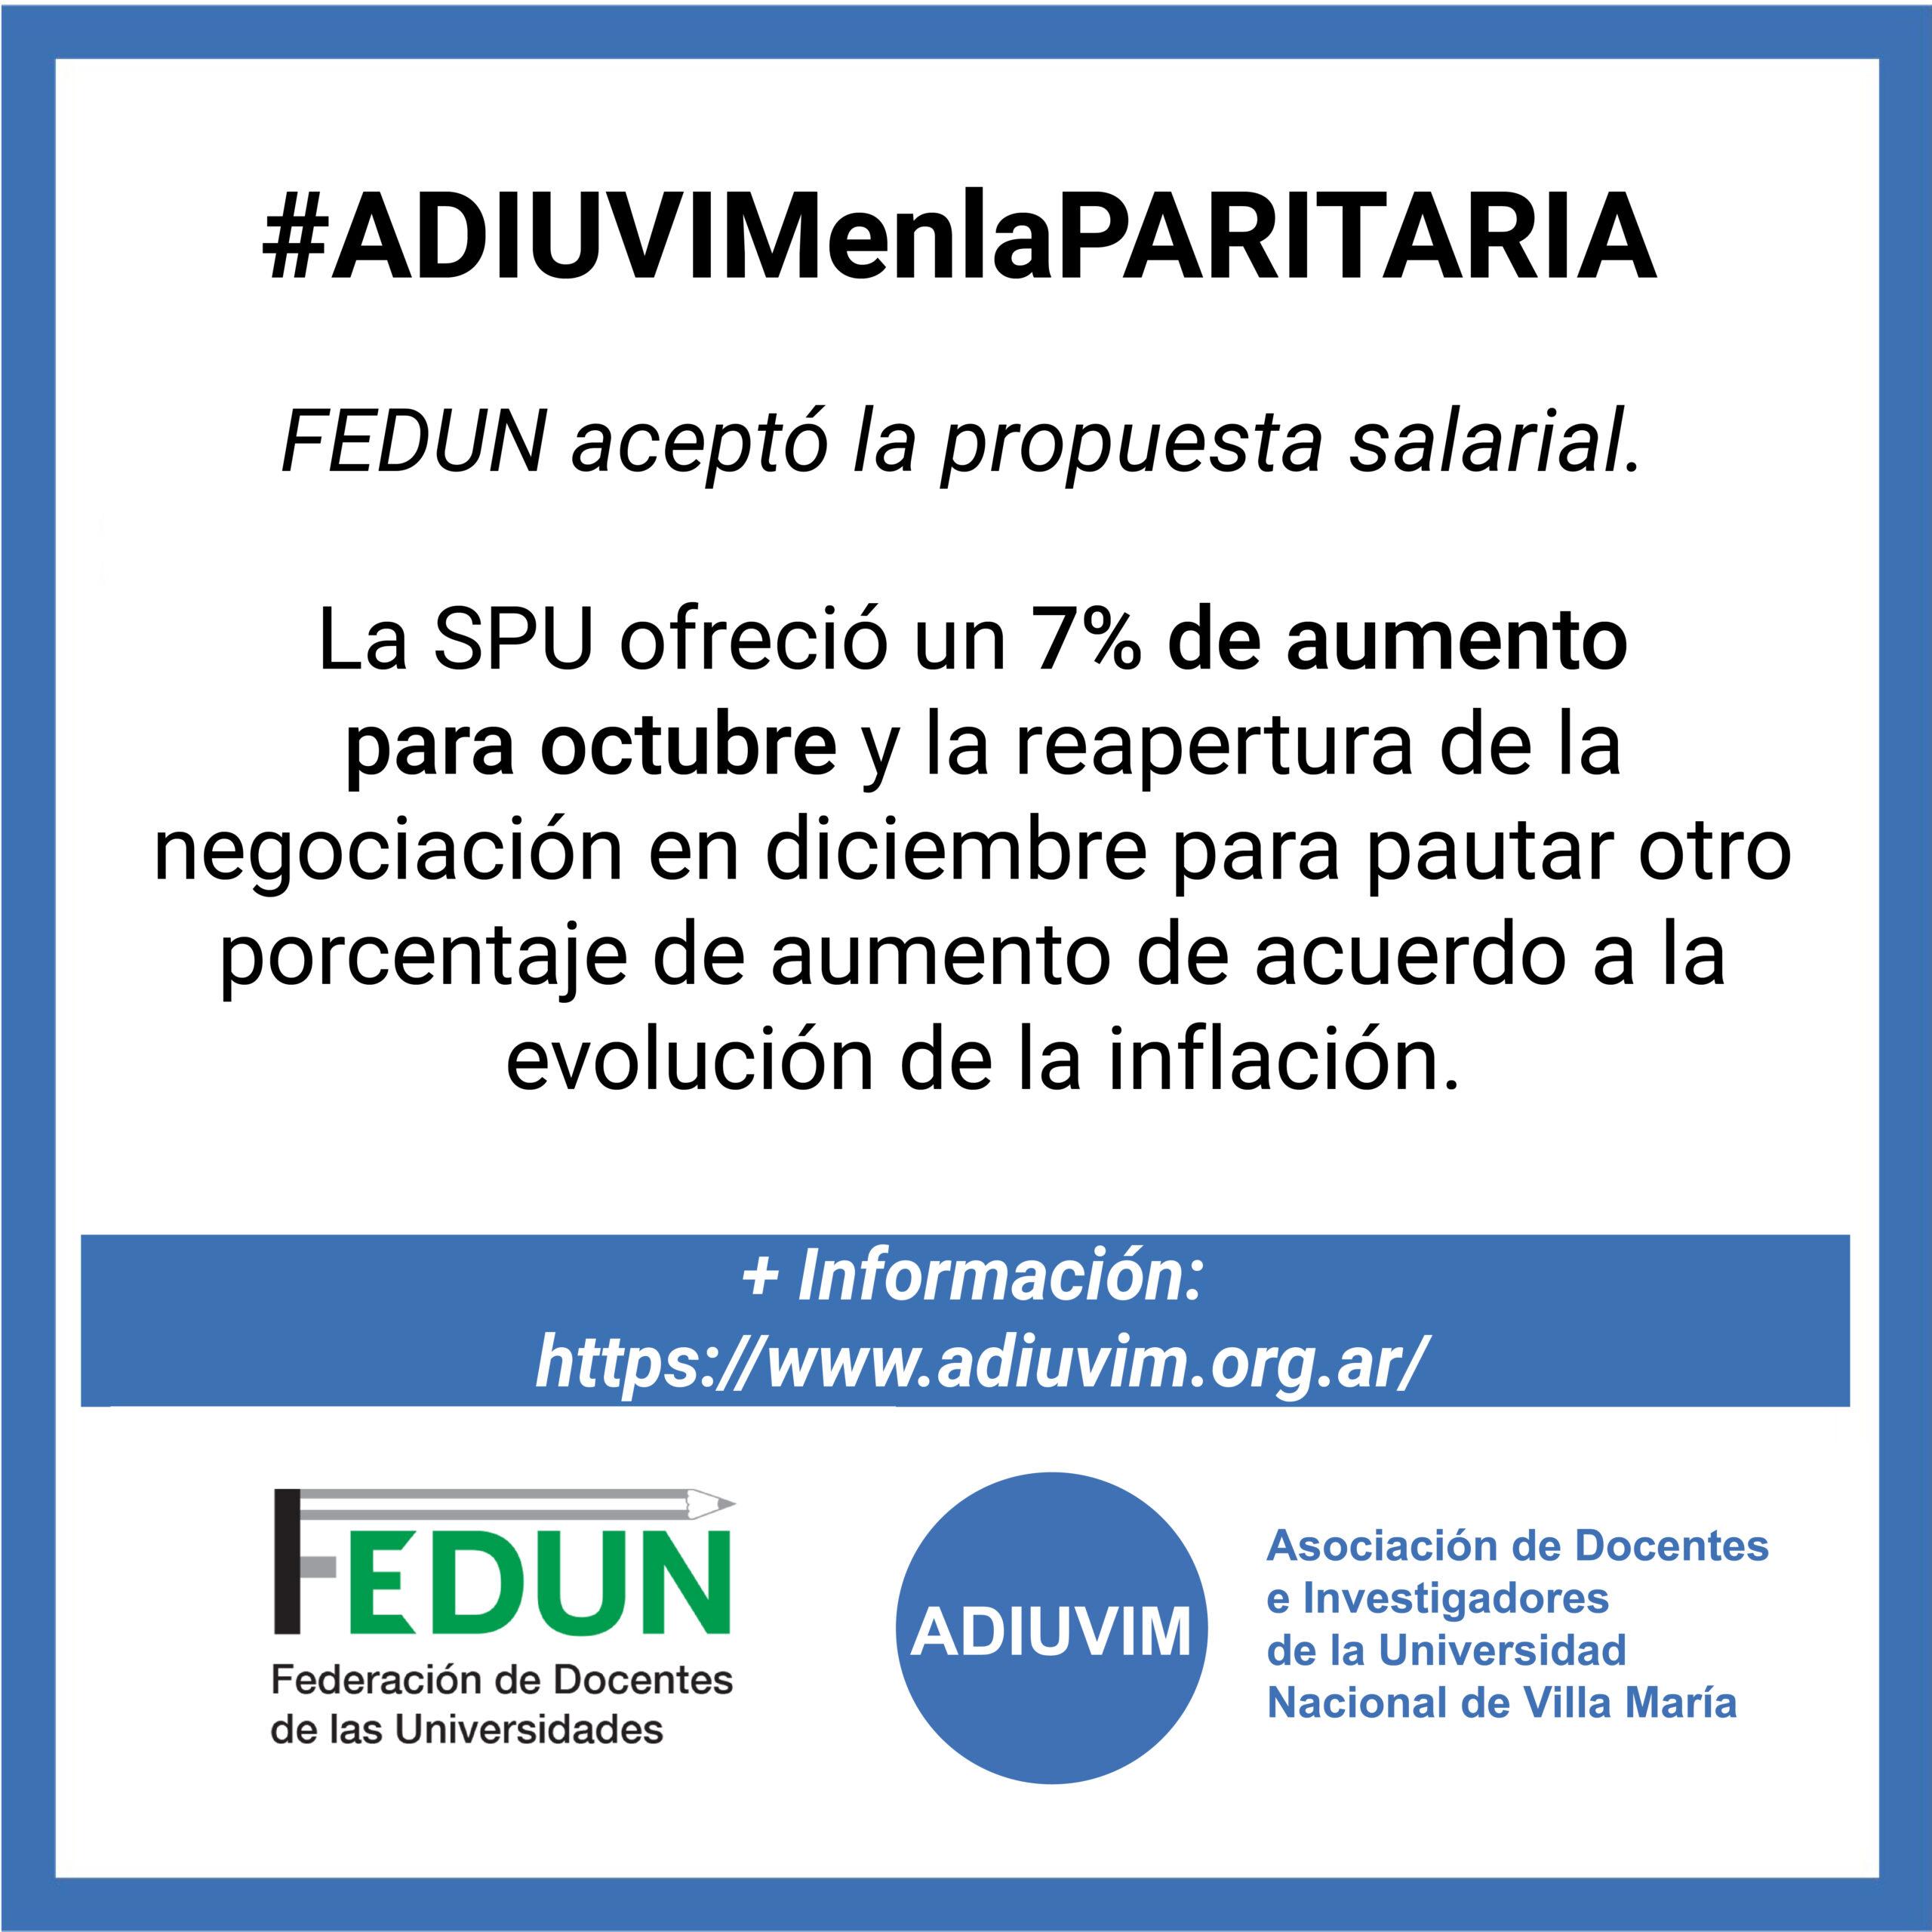 FEDUN aceptó la propuesta salarial ofrecida por la SPU